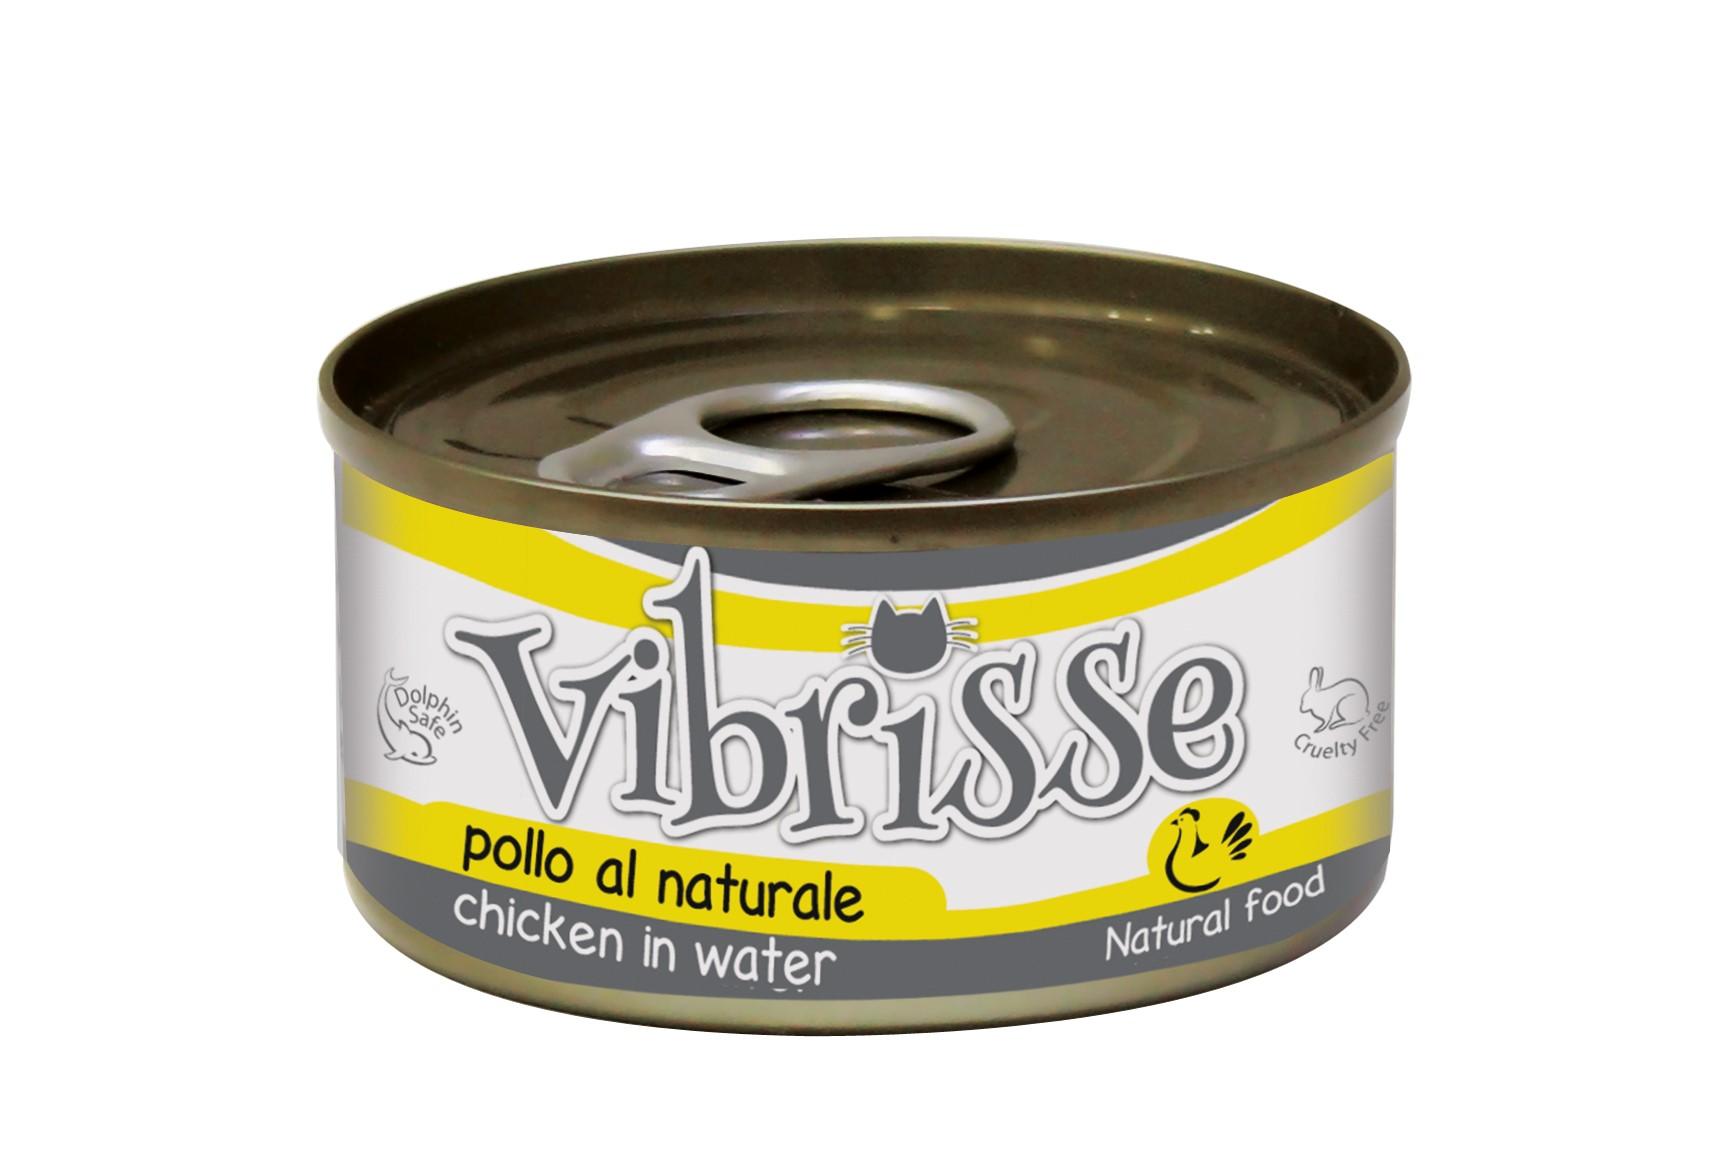 Vibrisse Jelly консервы для взрослых котов, куриное филе в желе